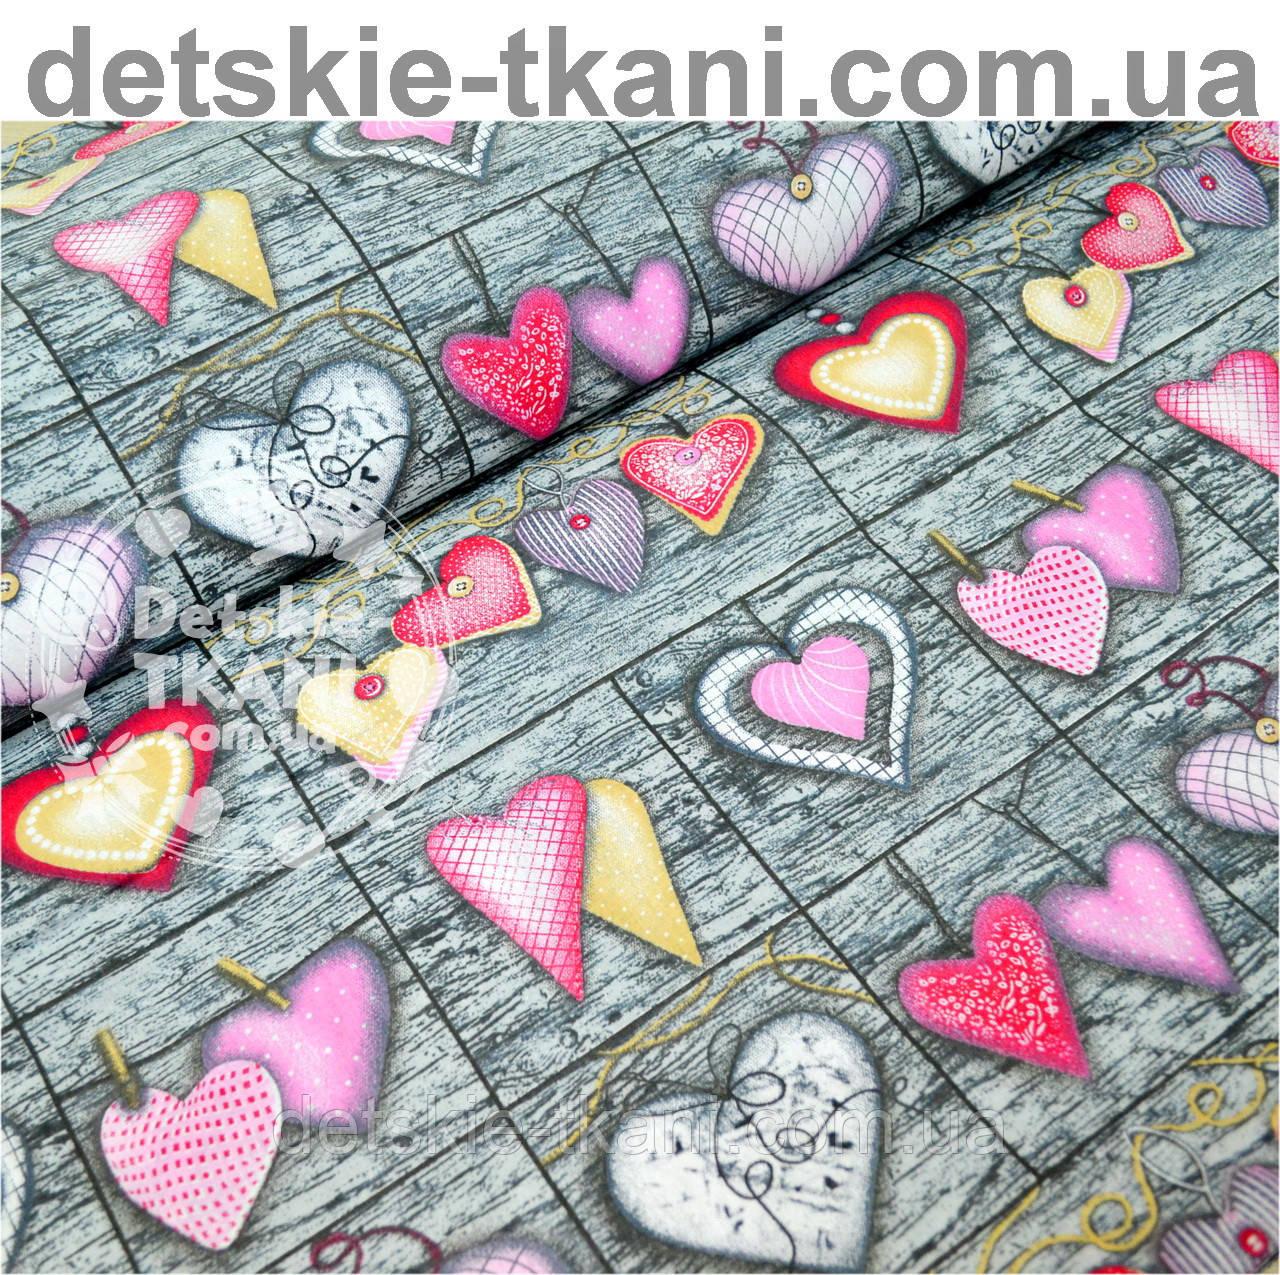 Ткань с розовыми сердцами на серых досках № 546